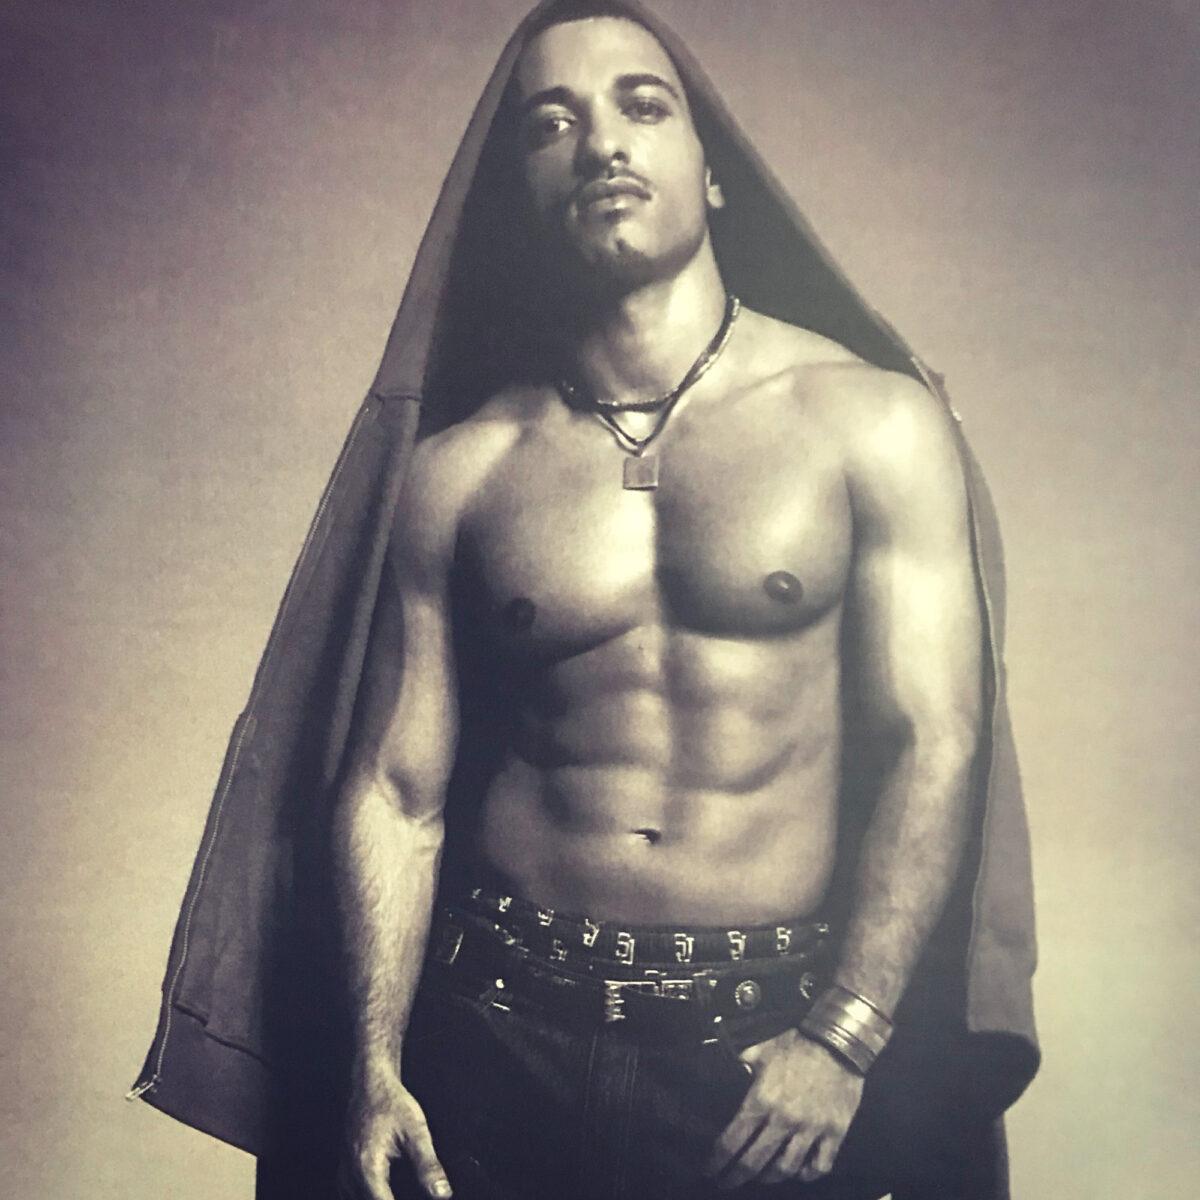 Haaz Sleiman actor gay Eternals